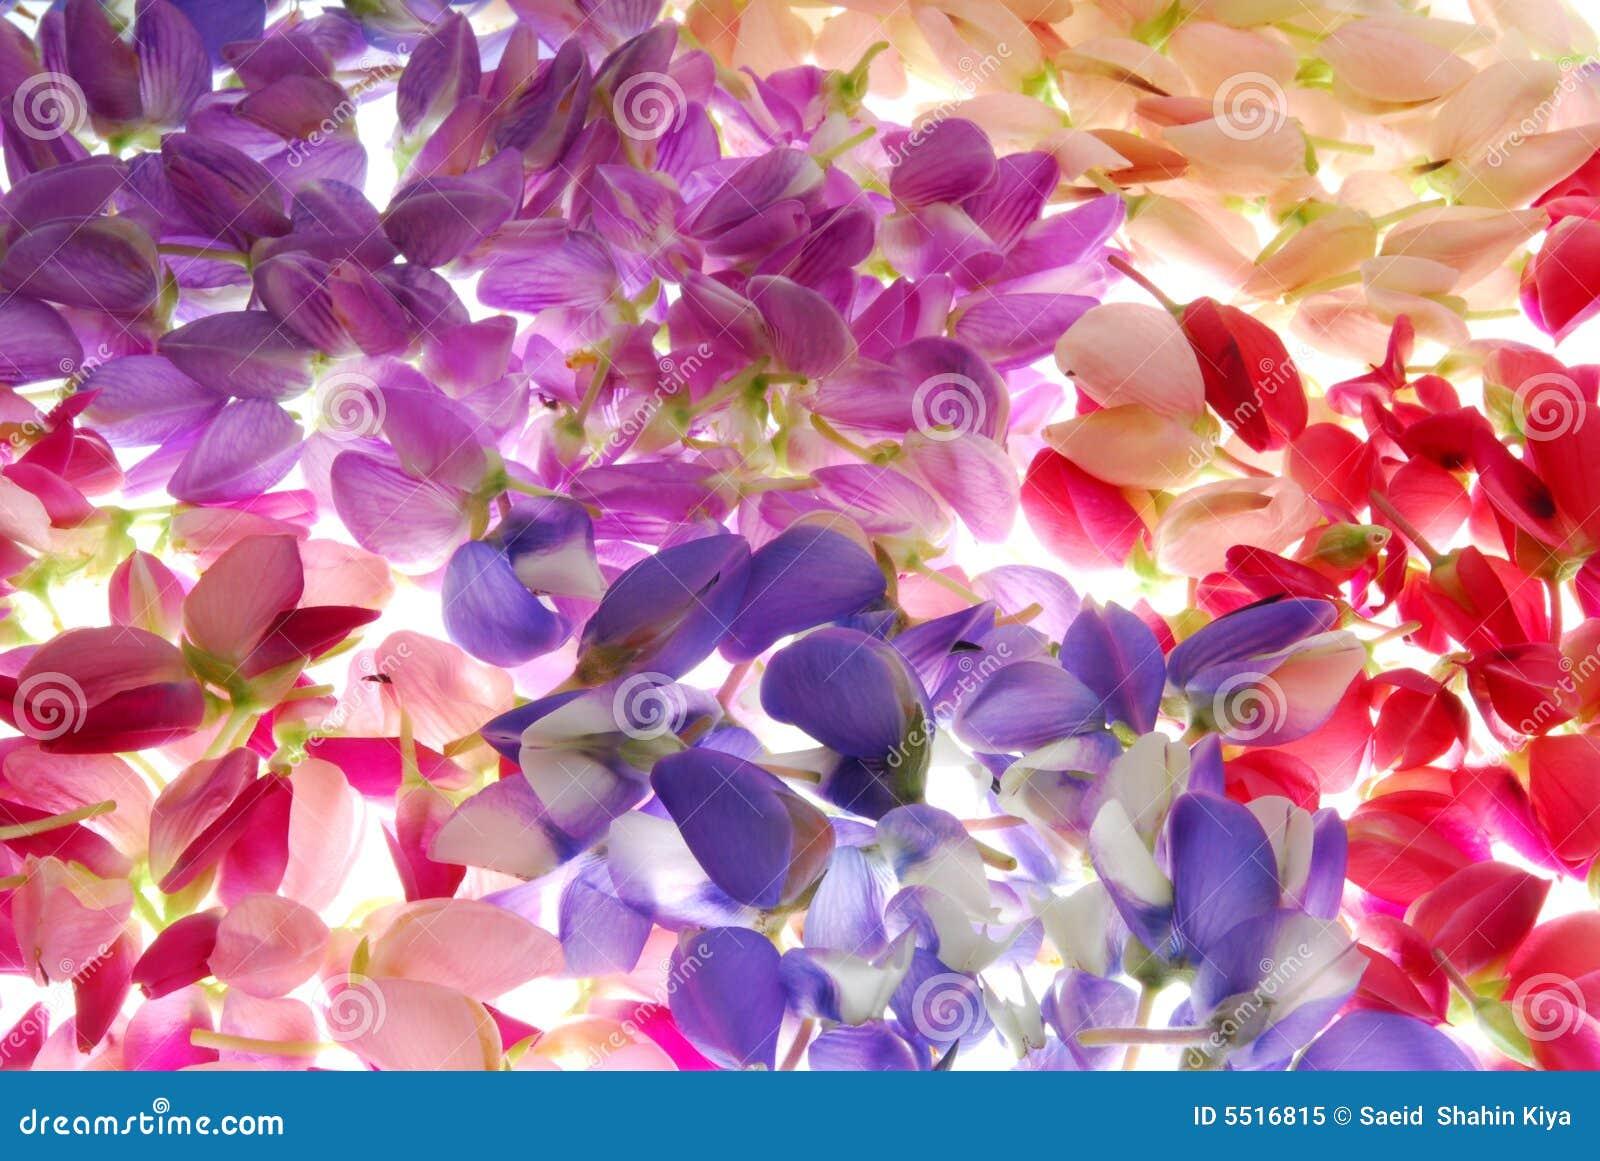 五颜六色的花瓣